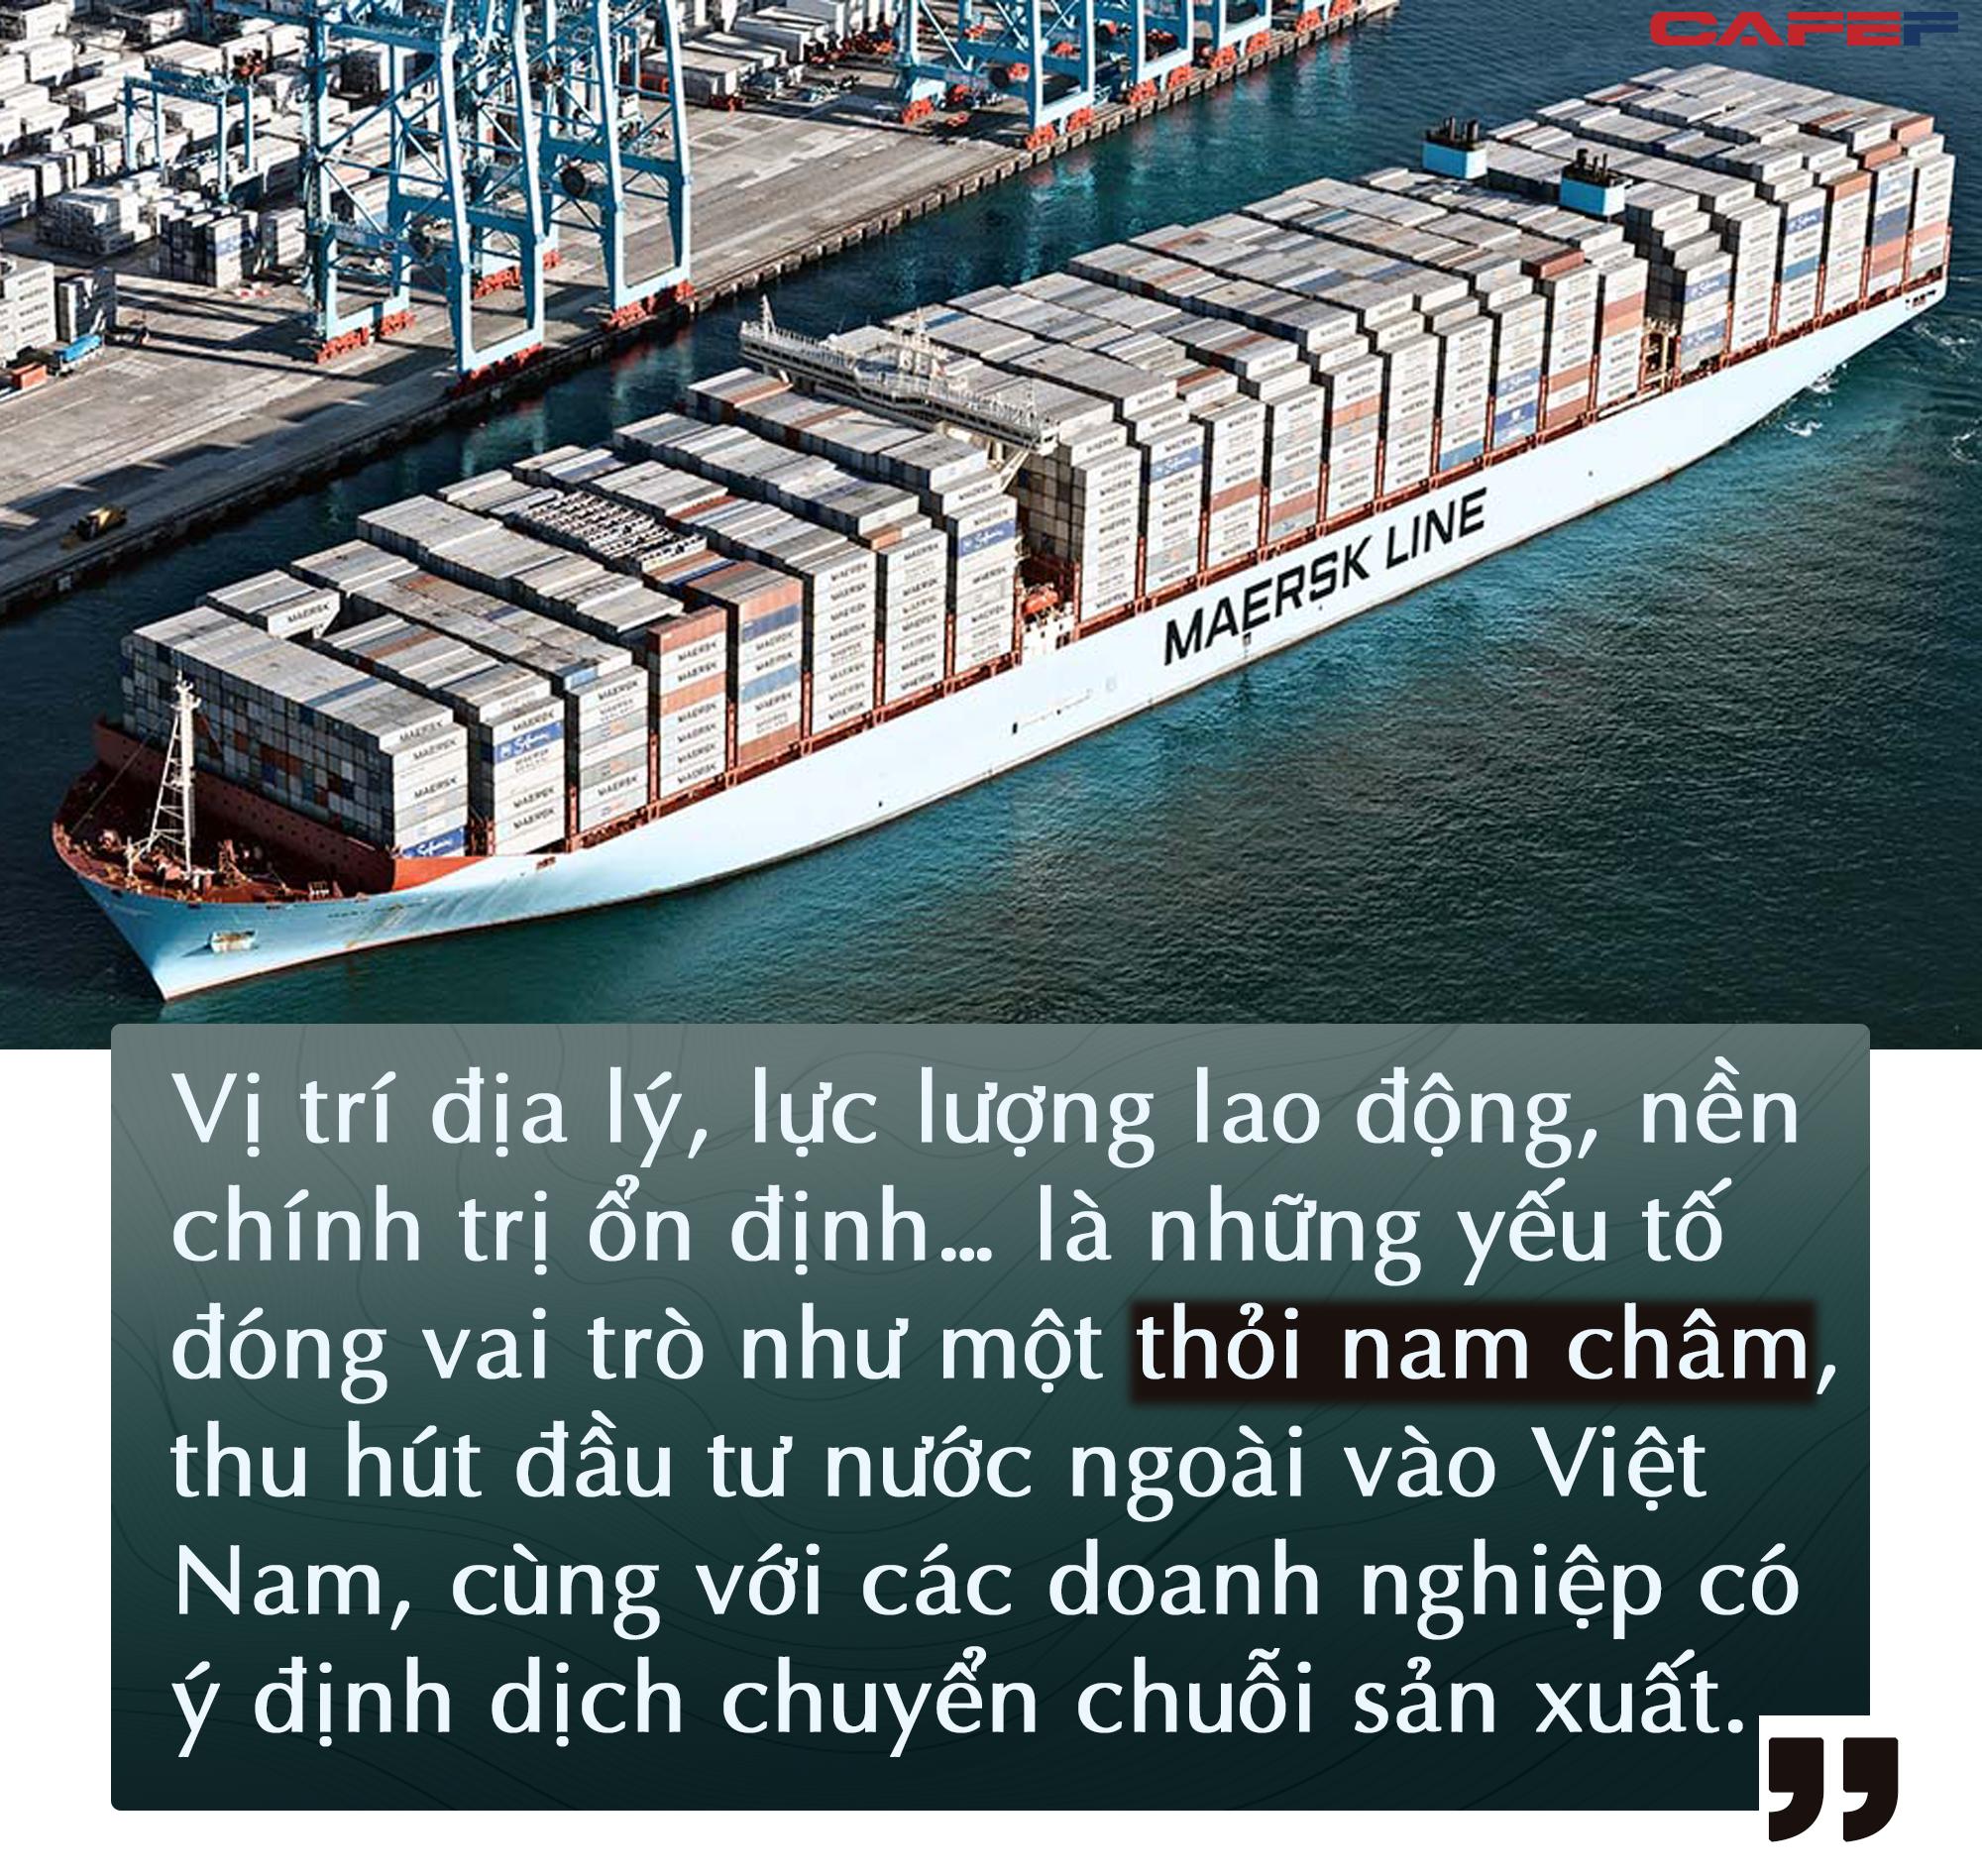 Hãng container lớn nhất thế giới Maersk mở rộng hoạt động kinh doanh kho bãi tại Việt Nam - Ảnh 1.